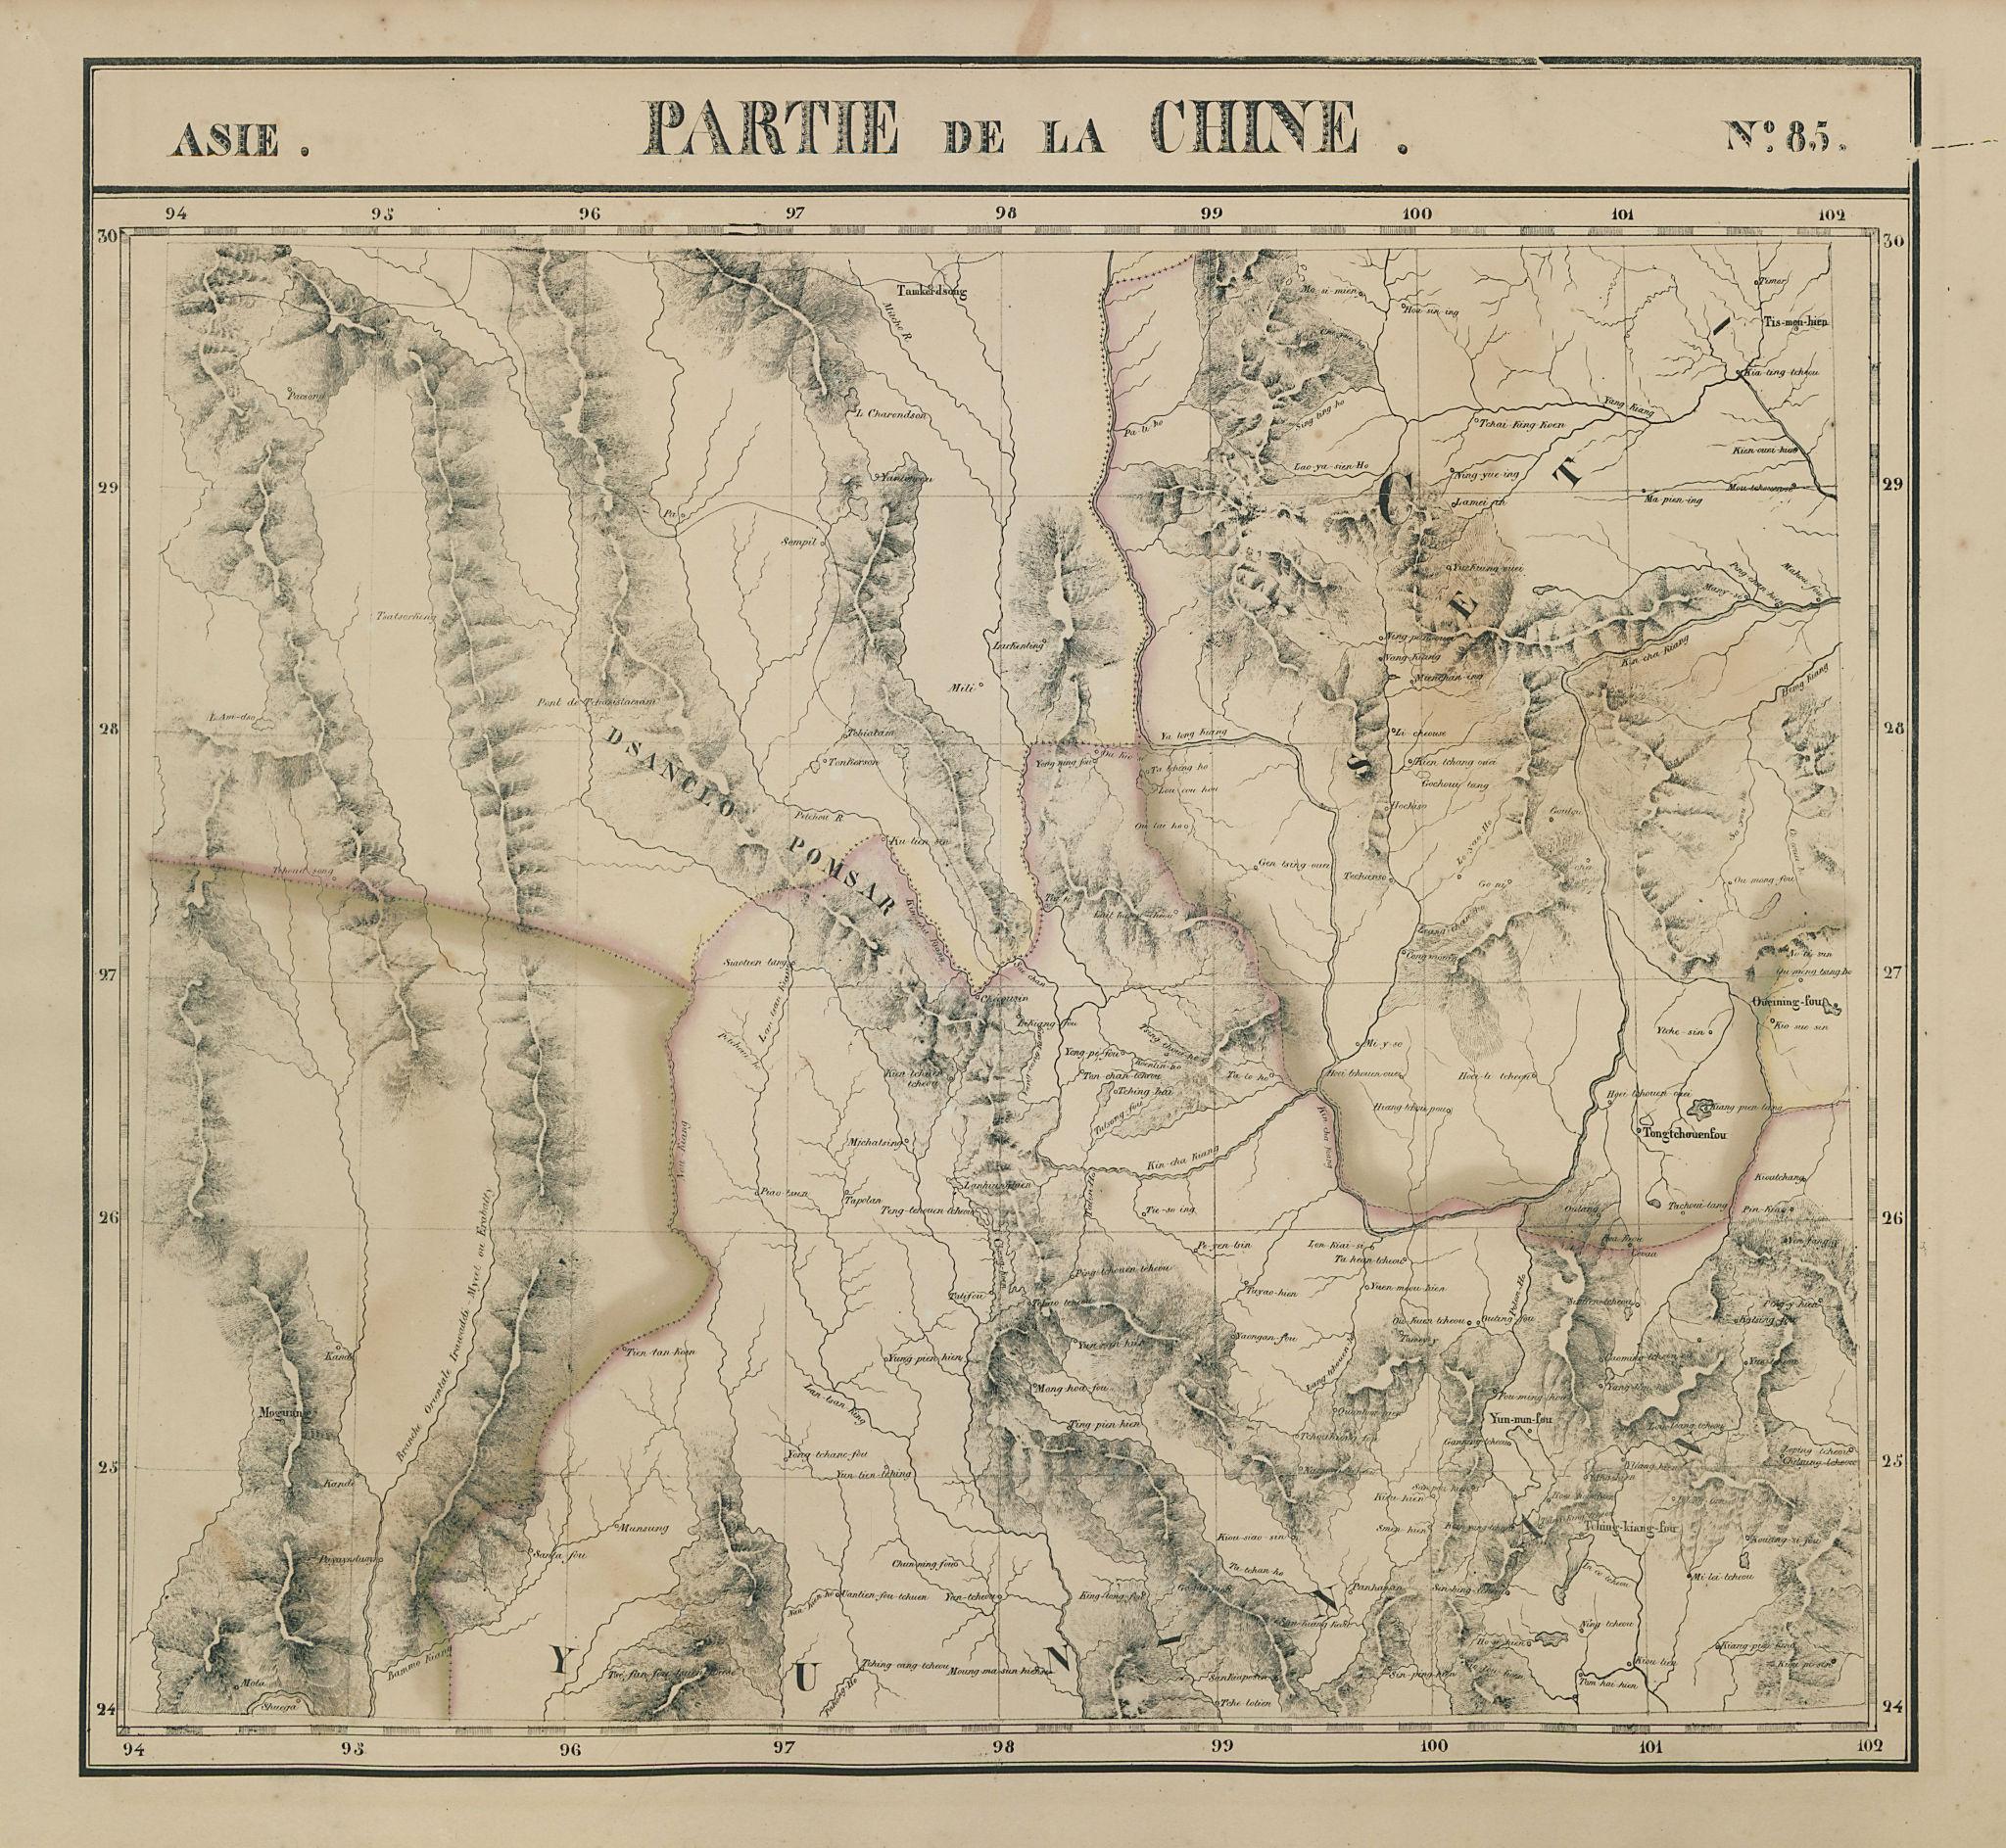 Asie. Partie… Chine #85 Burma Tibet Sichuan Yunnan China. VANDERMAELEN 1827 map